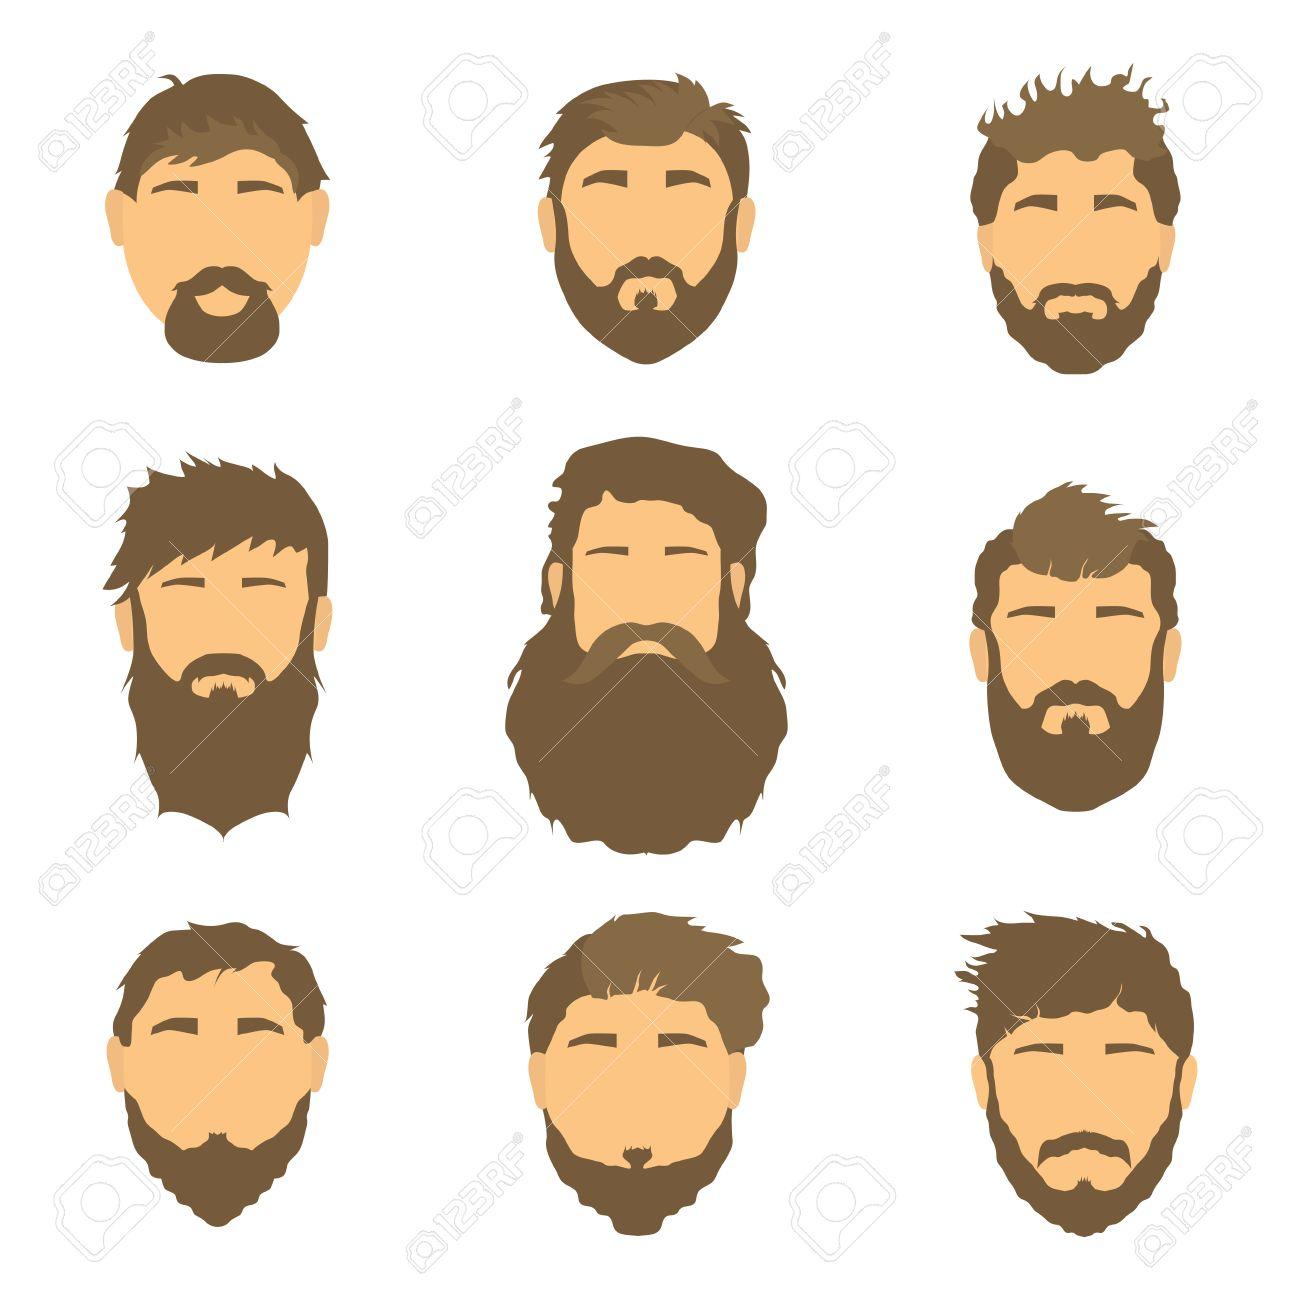 Cartoon Hair Beard And Face Sleek Style Mens Hairstyle